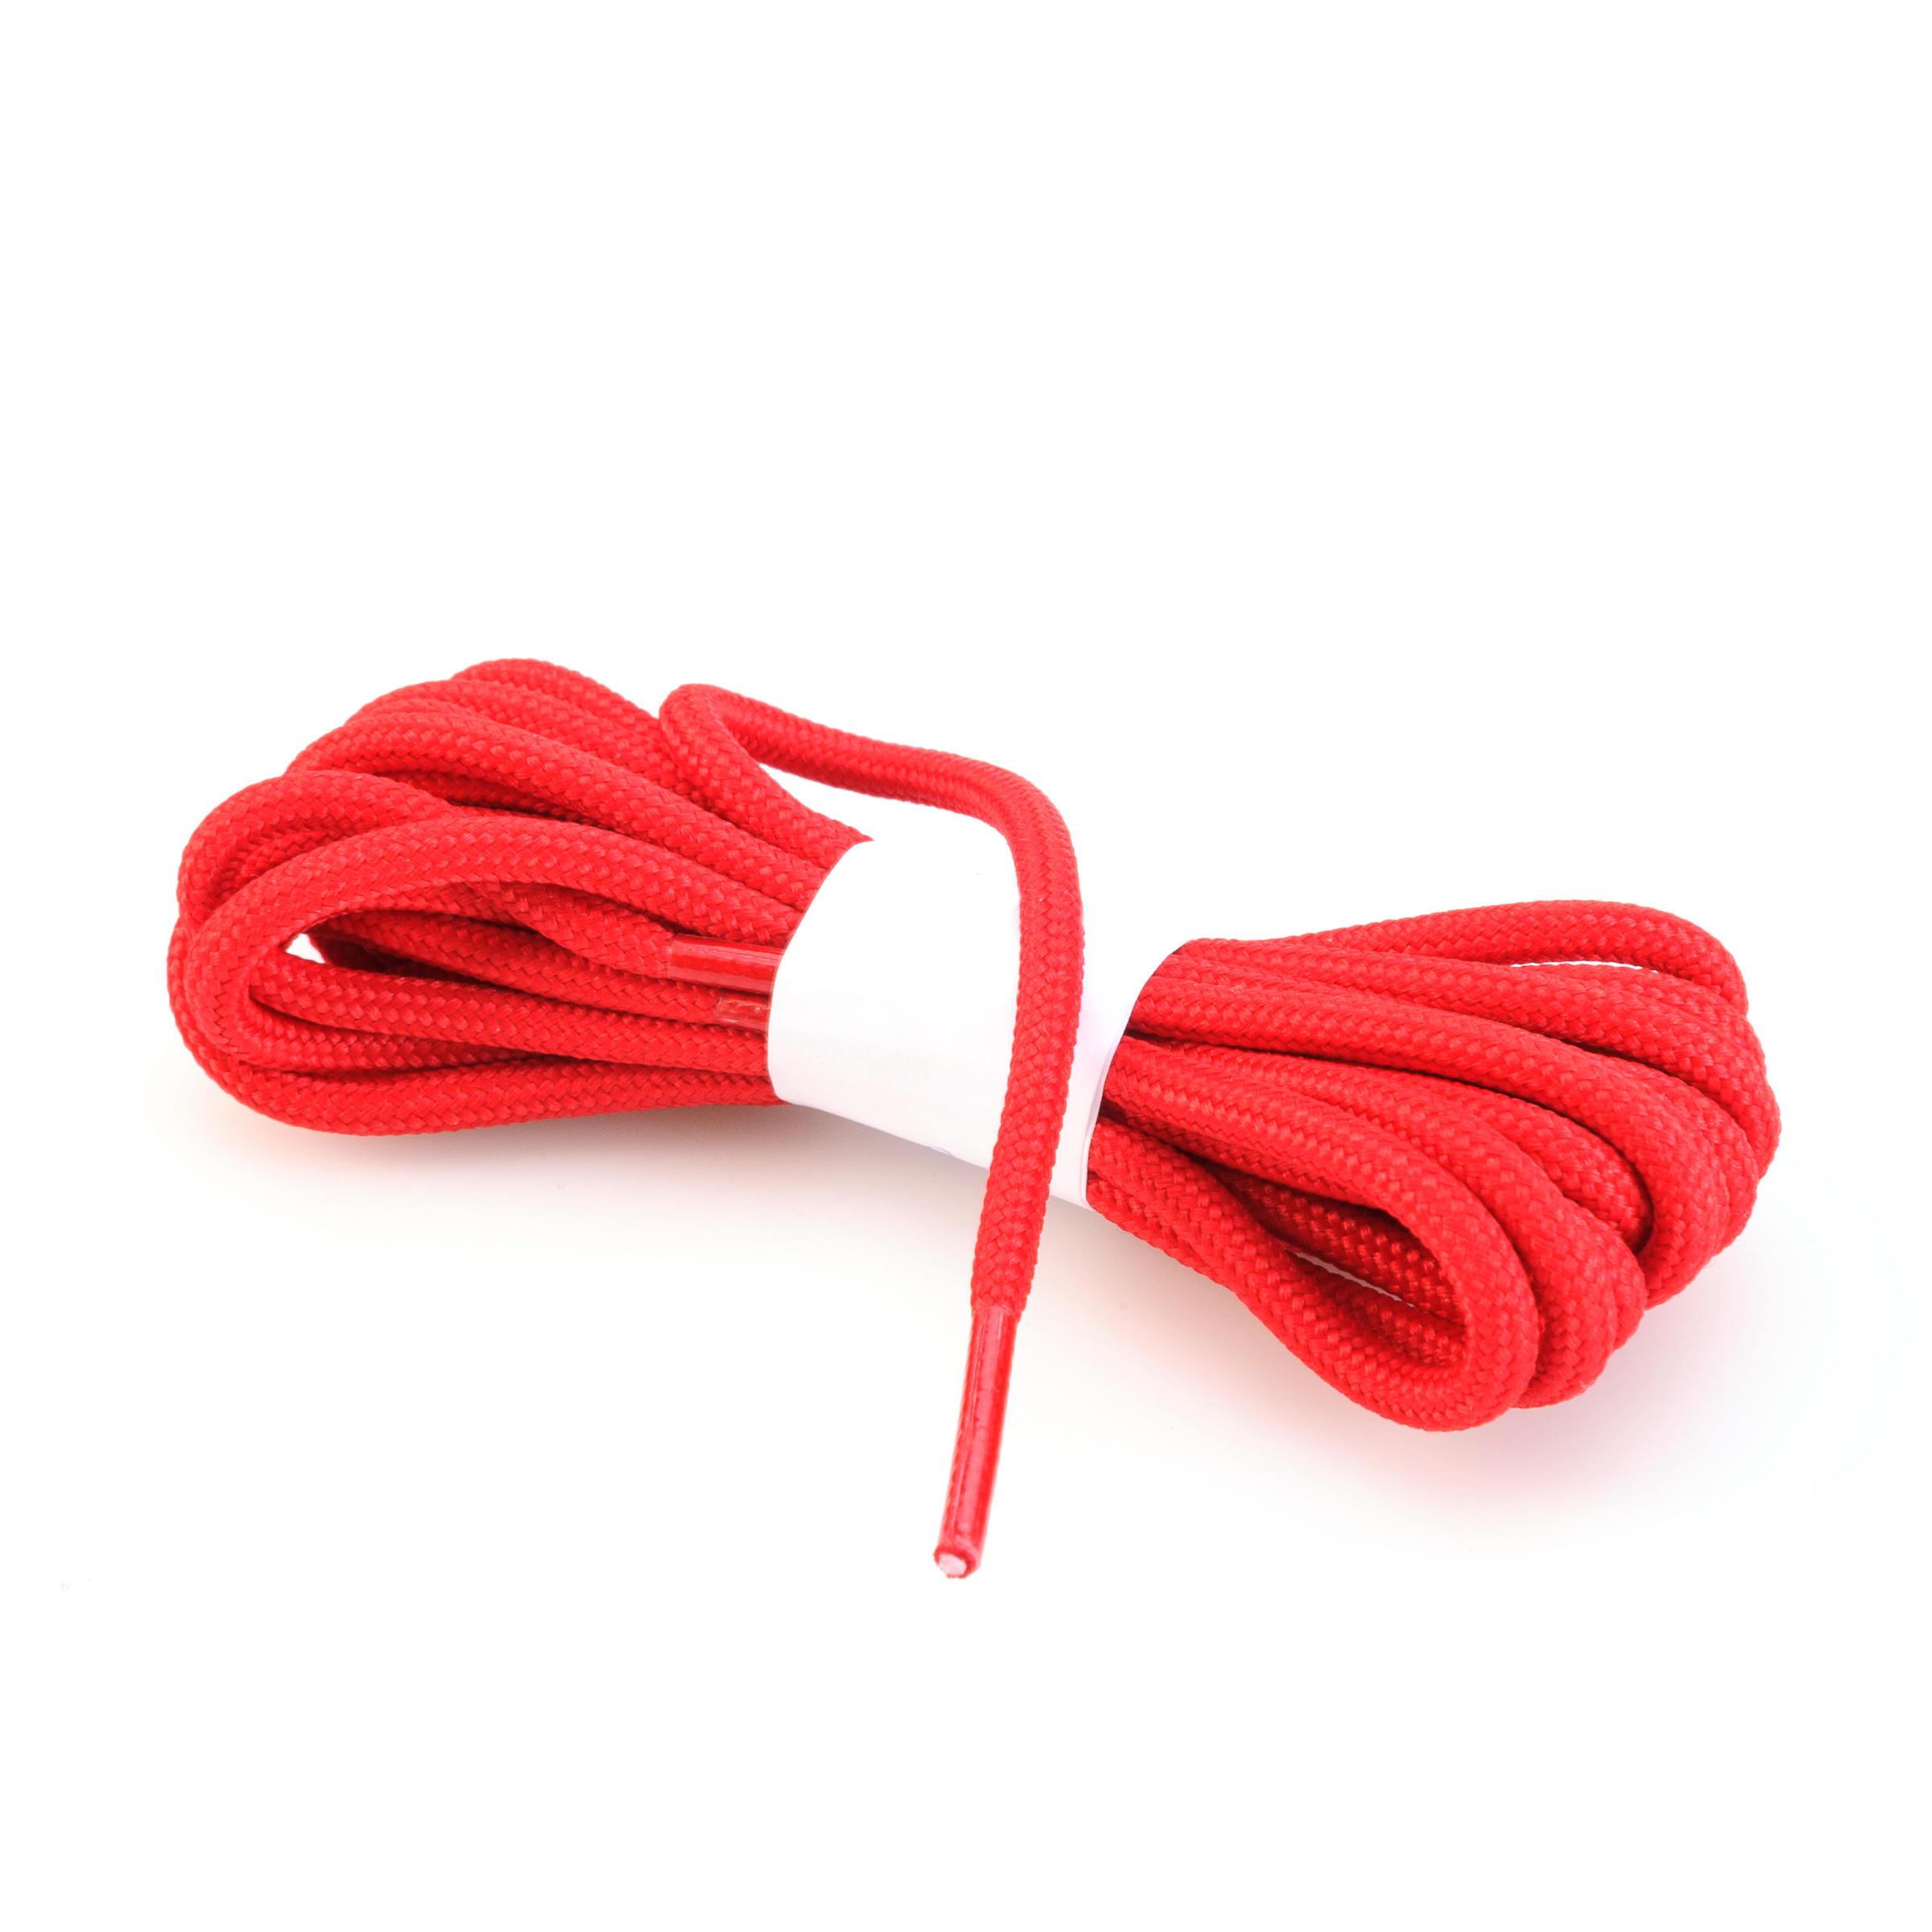 Lacet rond de chaussure de randonnée rouge